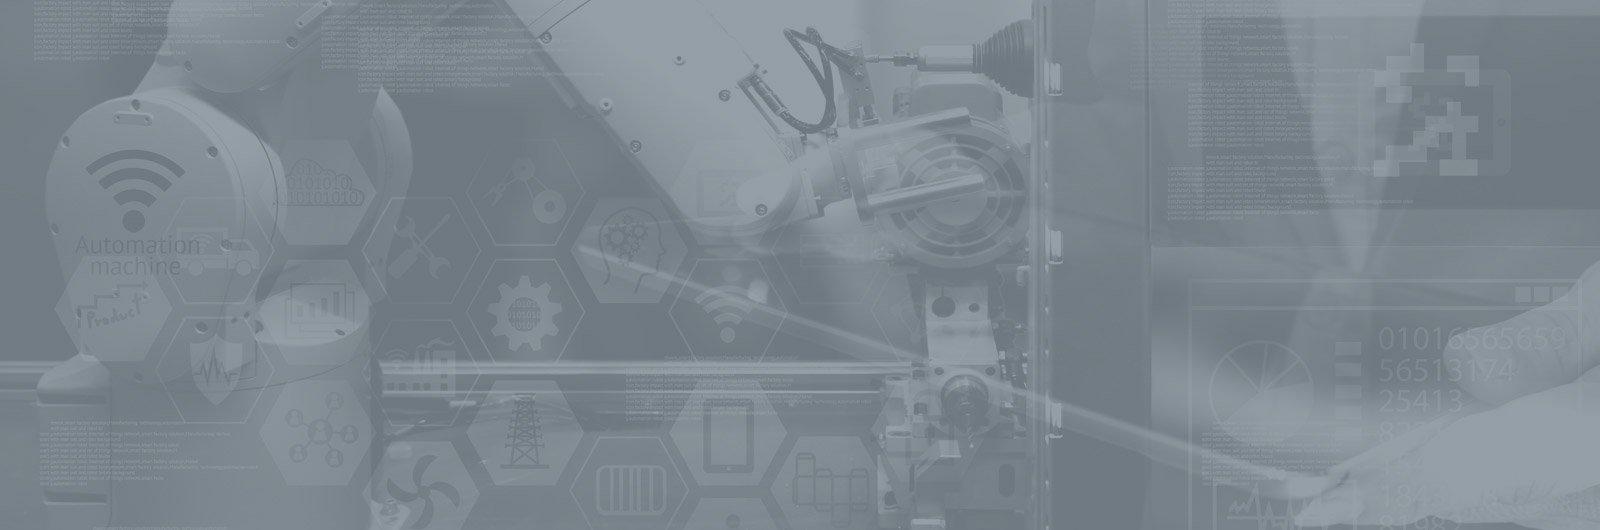 Wexoe frontslider Industry 1600x530